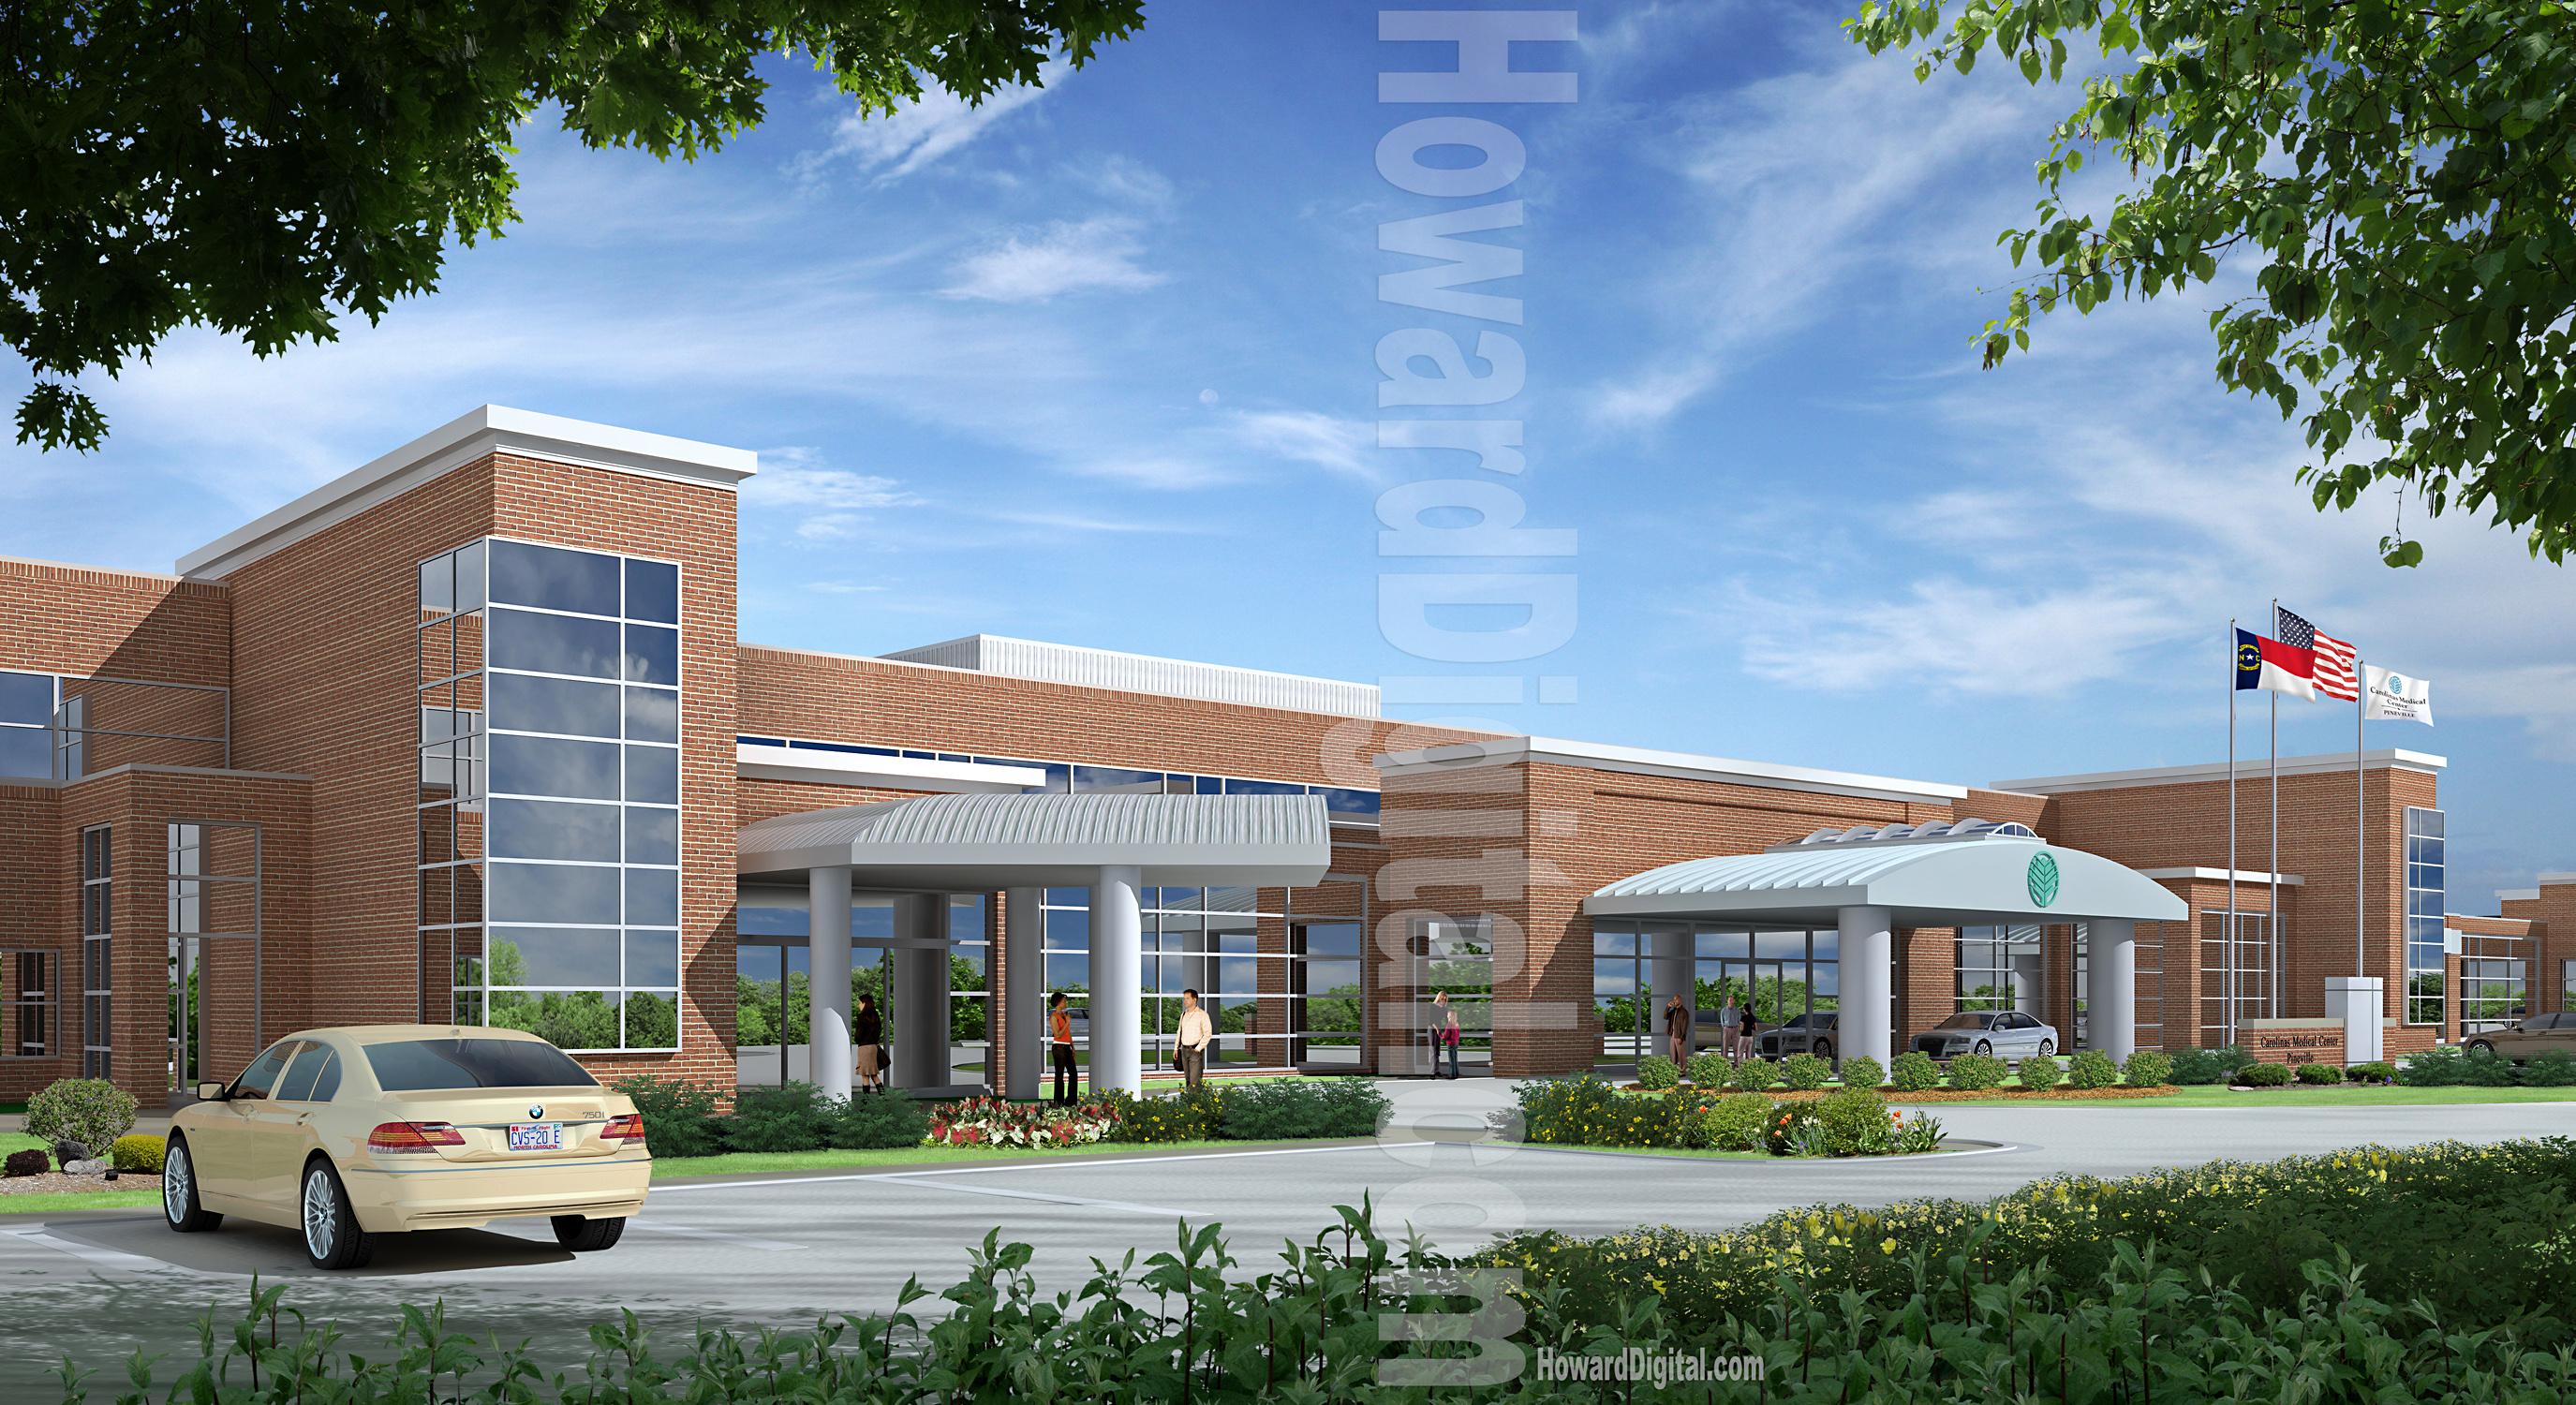 Pineview rendering howard digital for Exterior rendering